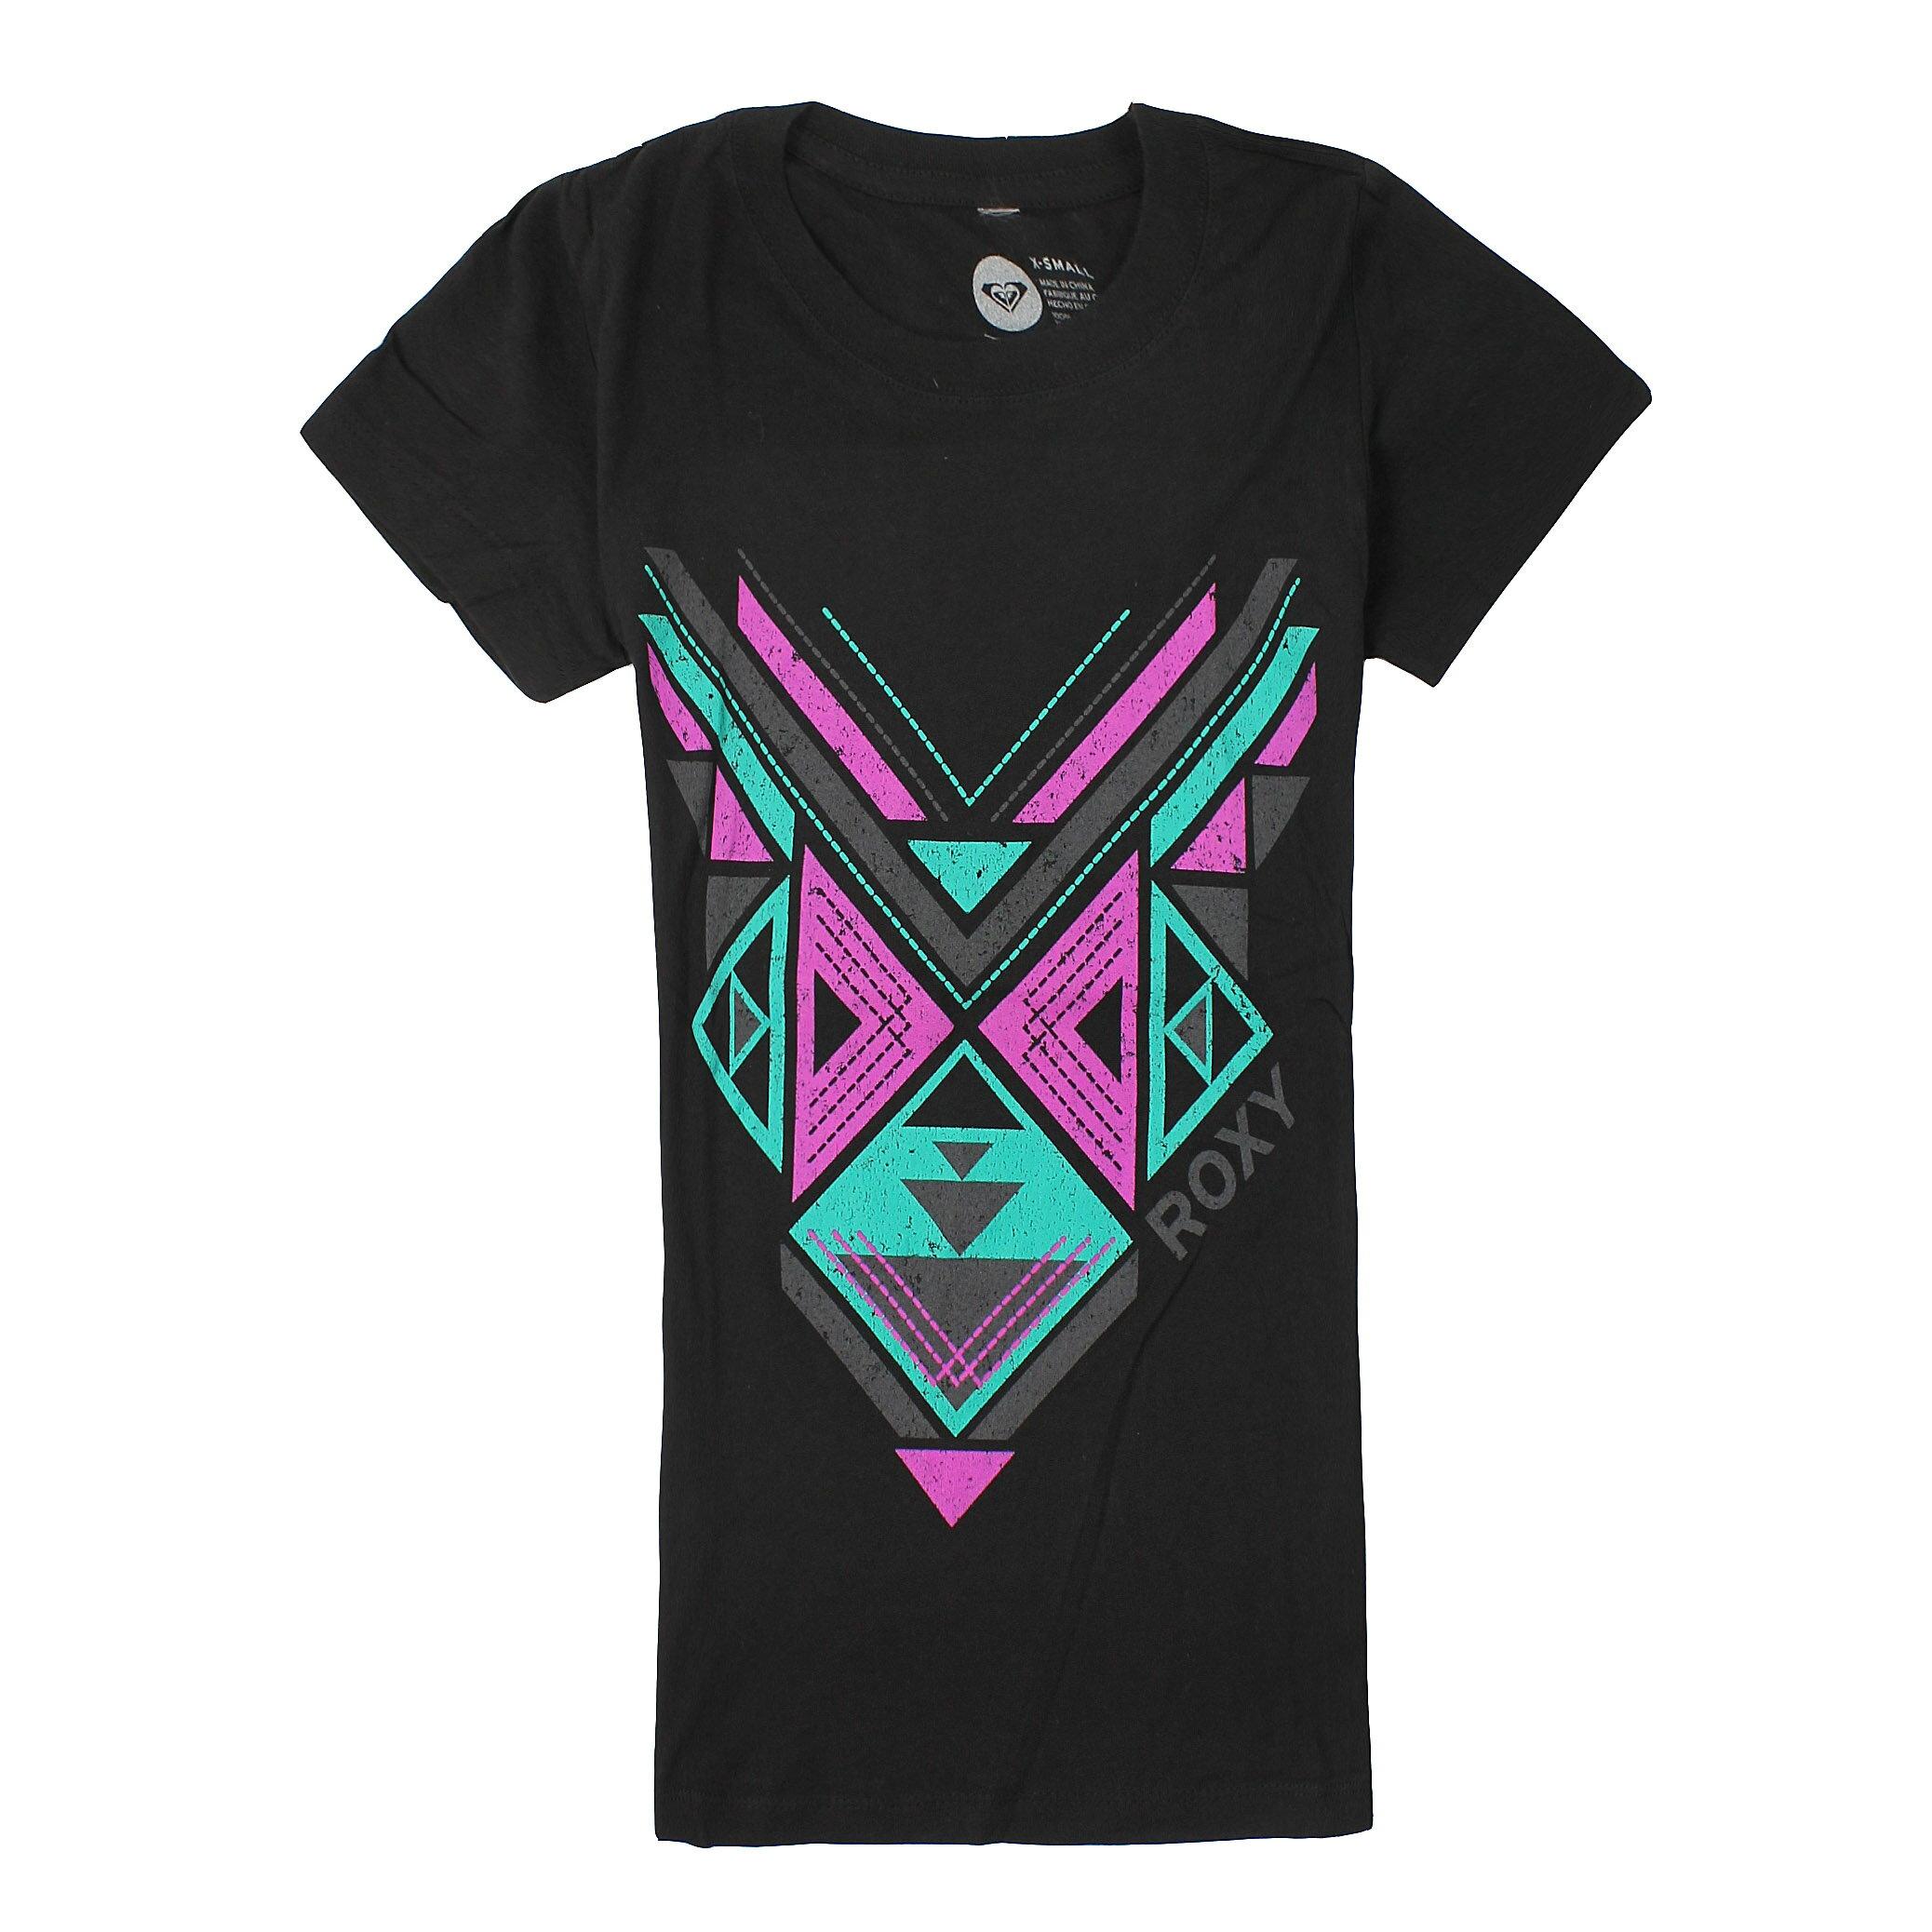 美國百分百【全新真品】Roxy T恤 短袖 上衣 T-shirt Logo 黑色 春夏 幾何 Logo 純棉 修身 女 XS S號